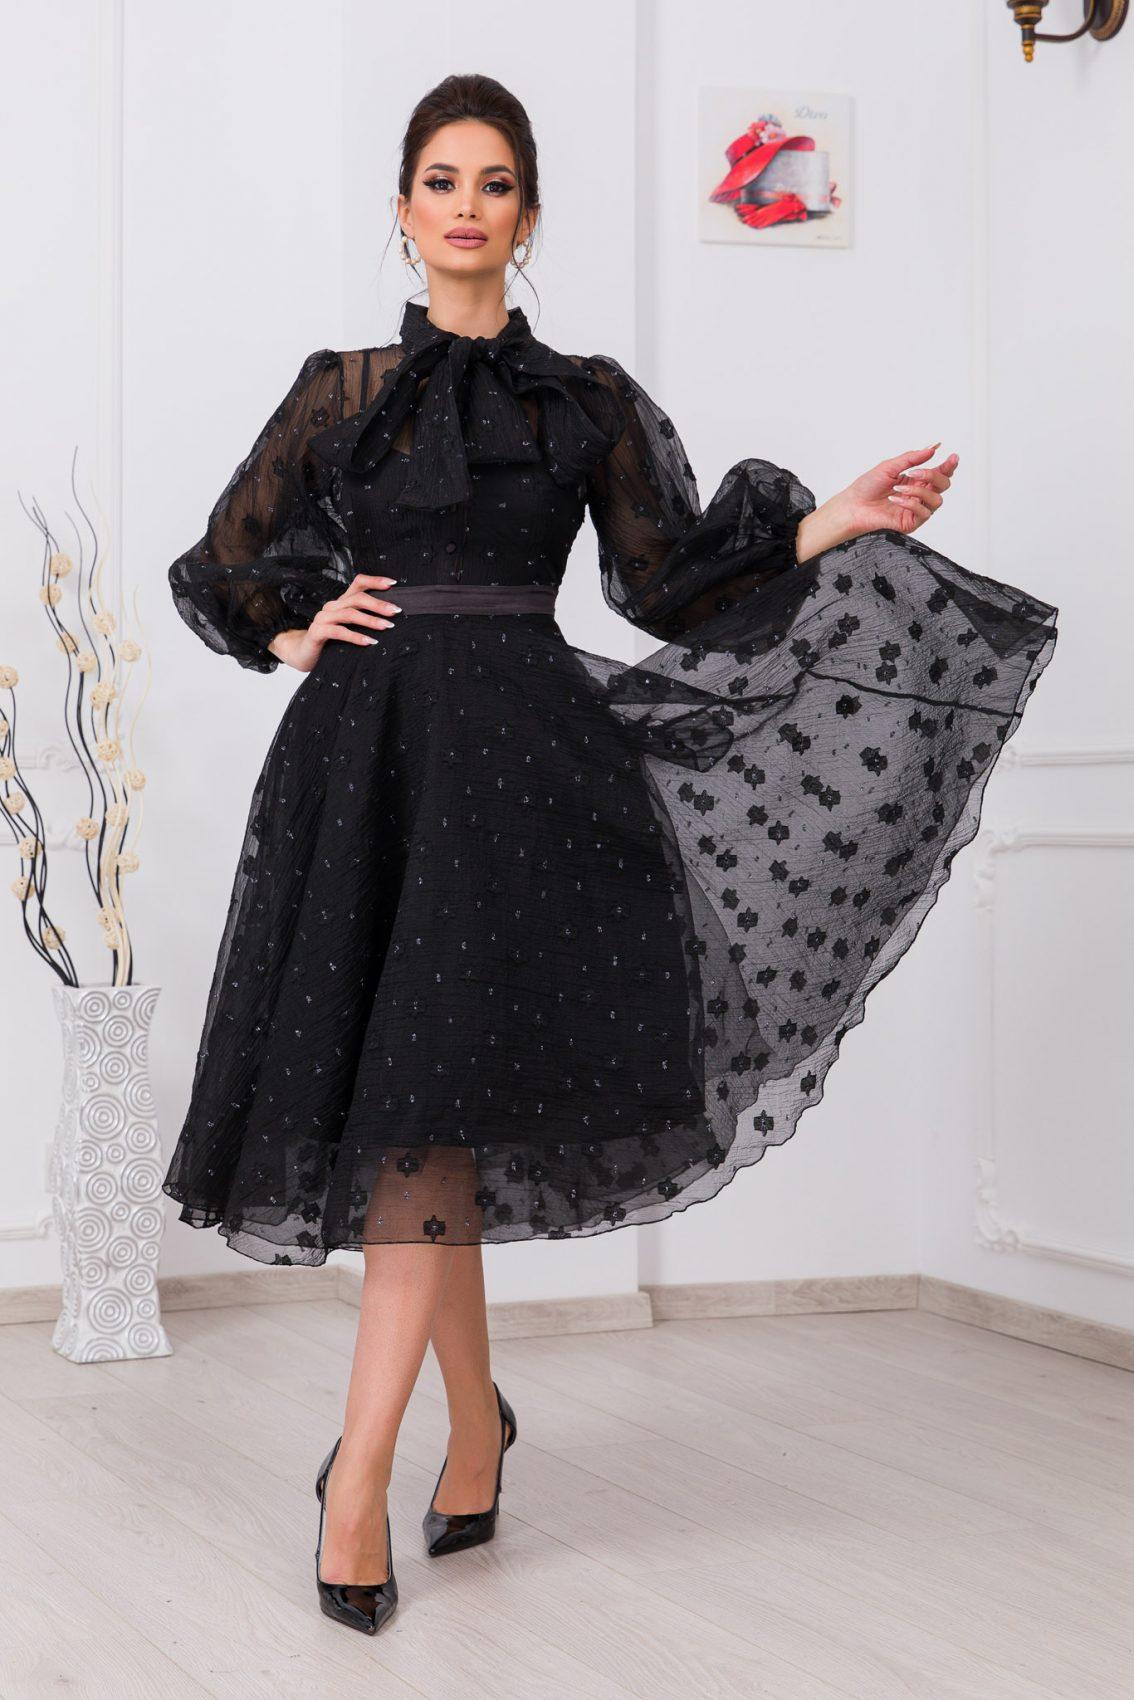 Μαύρο Φόρεμα Με Φουσκωτά Μανίκια Charming 9741 3